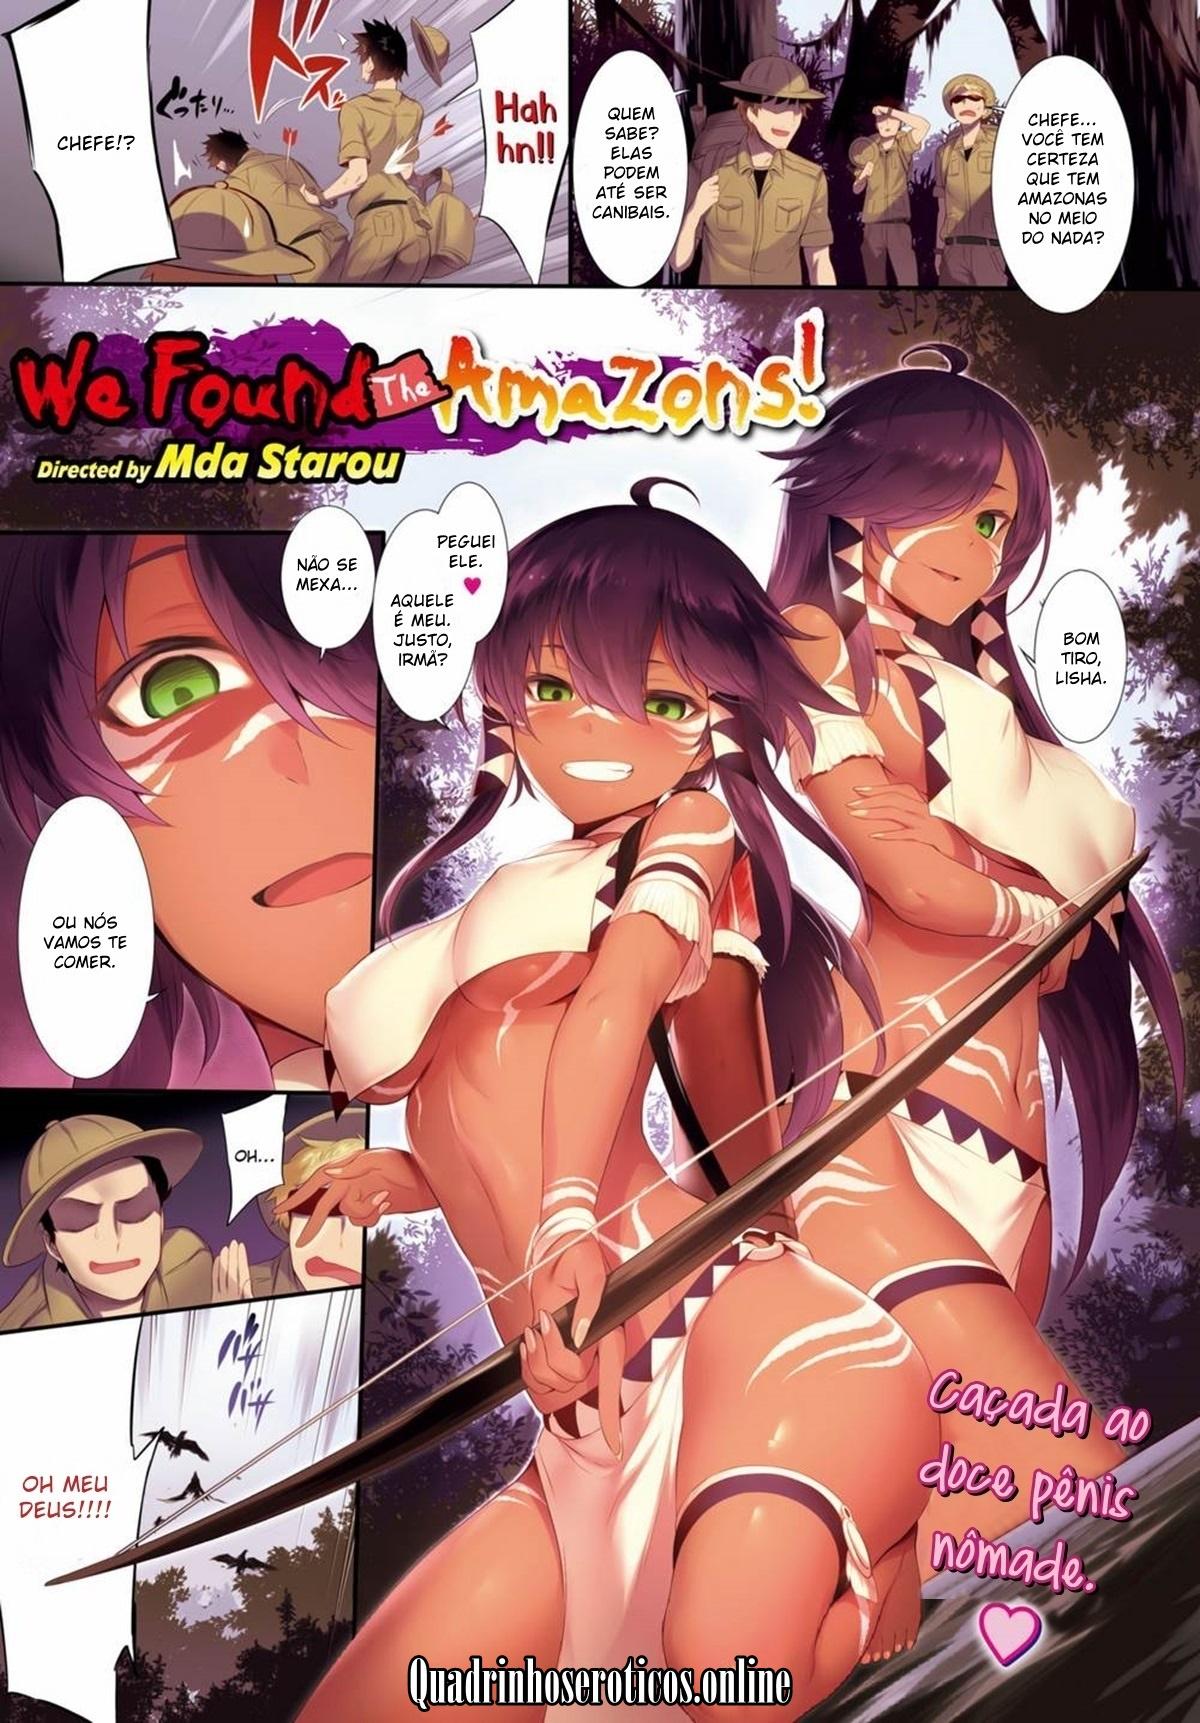 Sexo entre irmãs amazonas no Manga Hentai